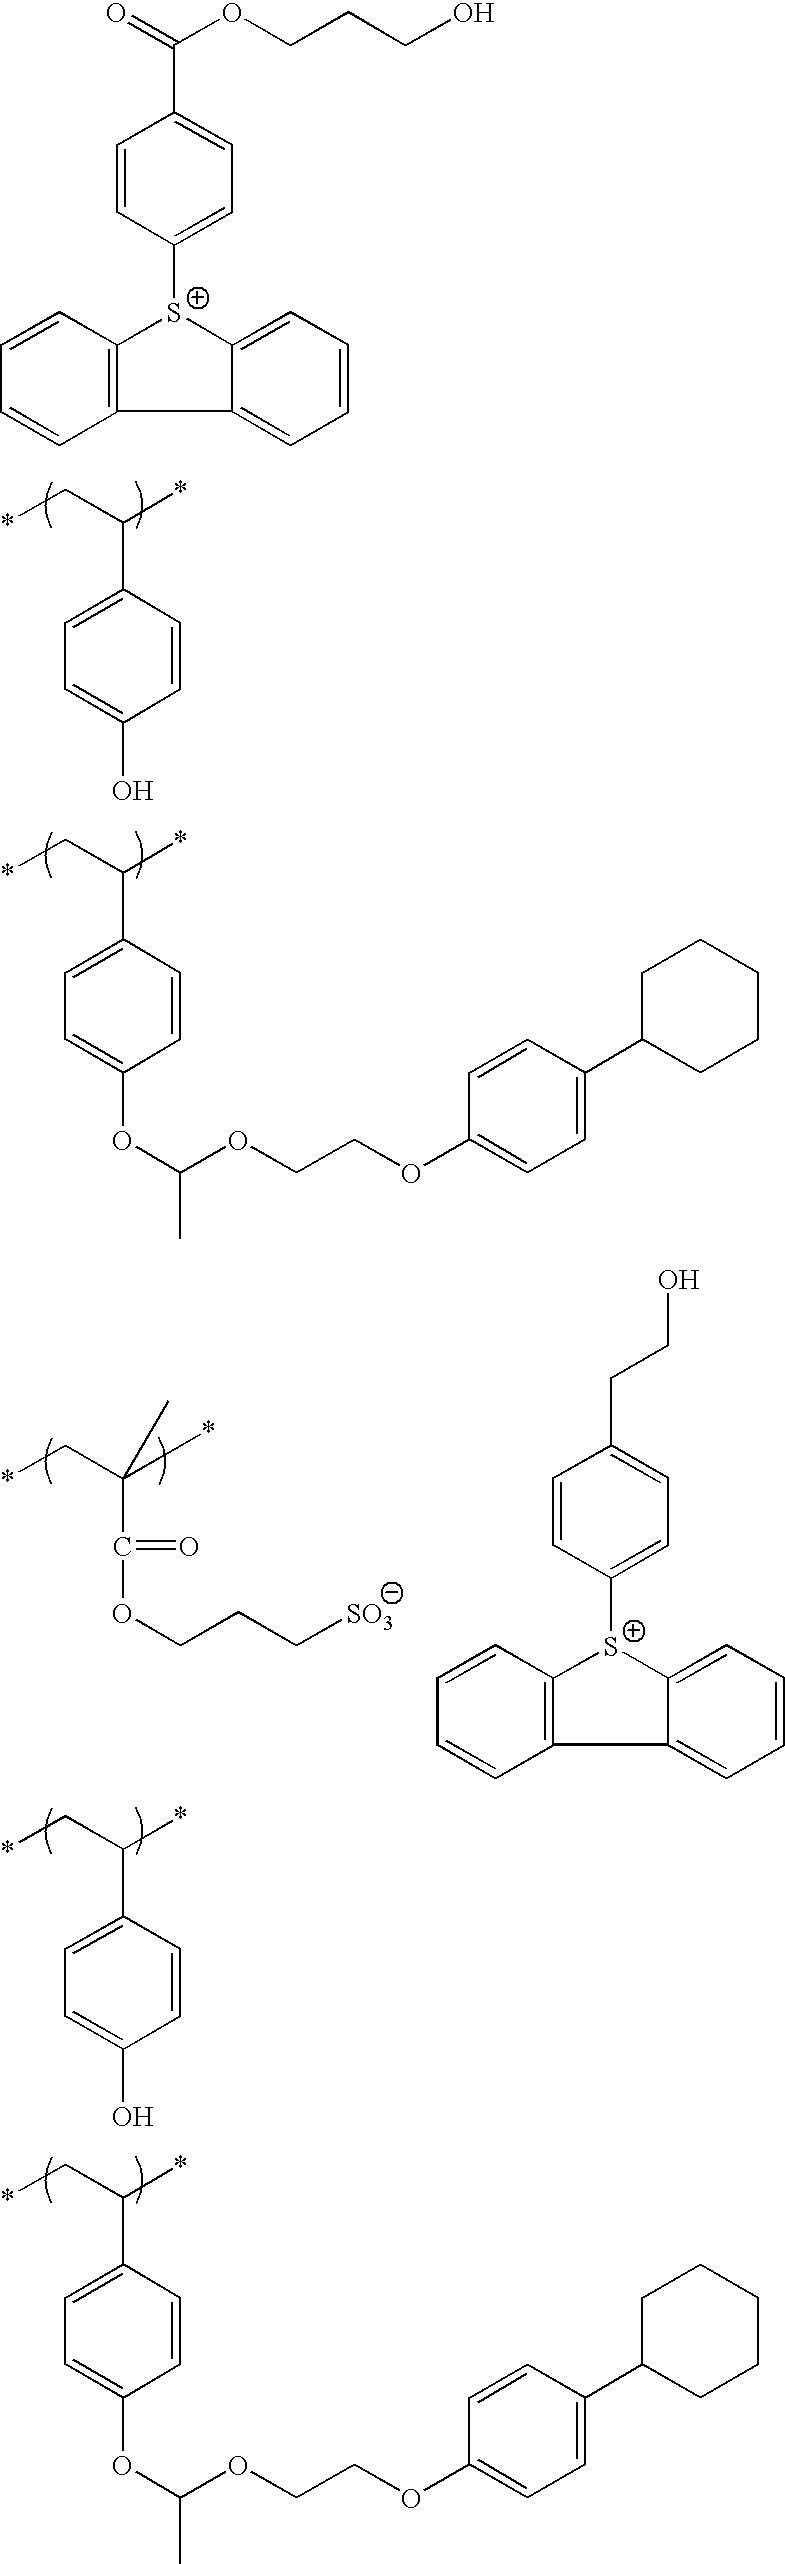 Figure US08852845-20141007-C00166